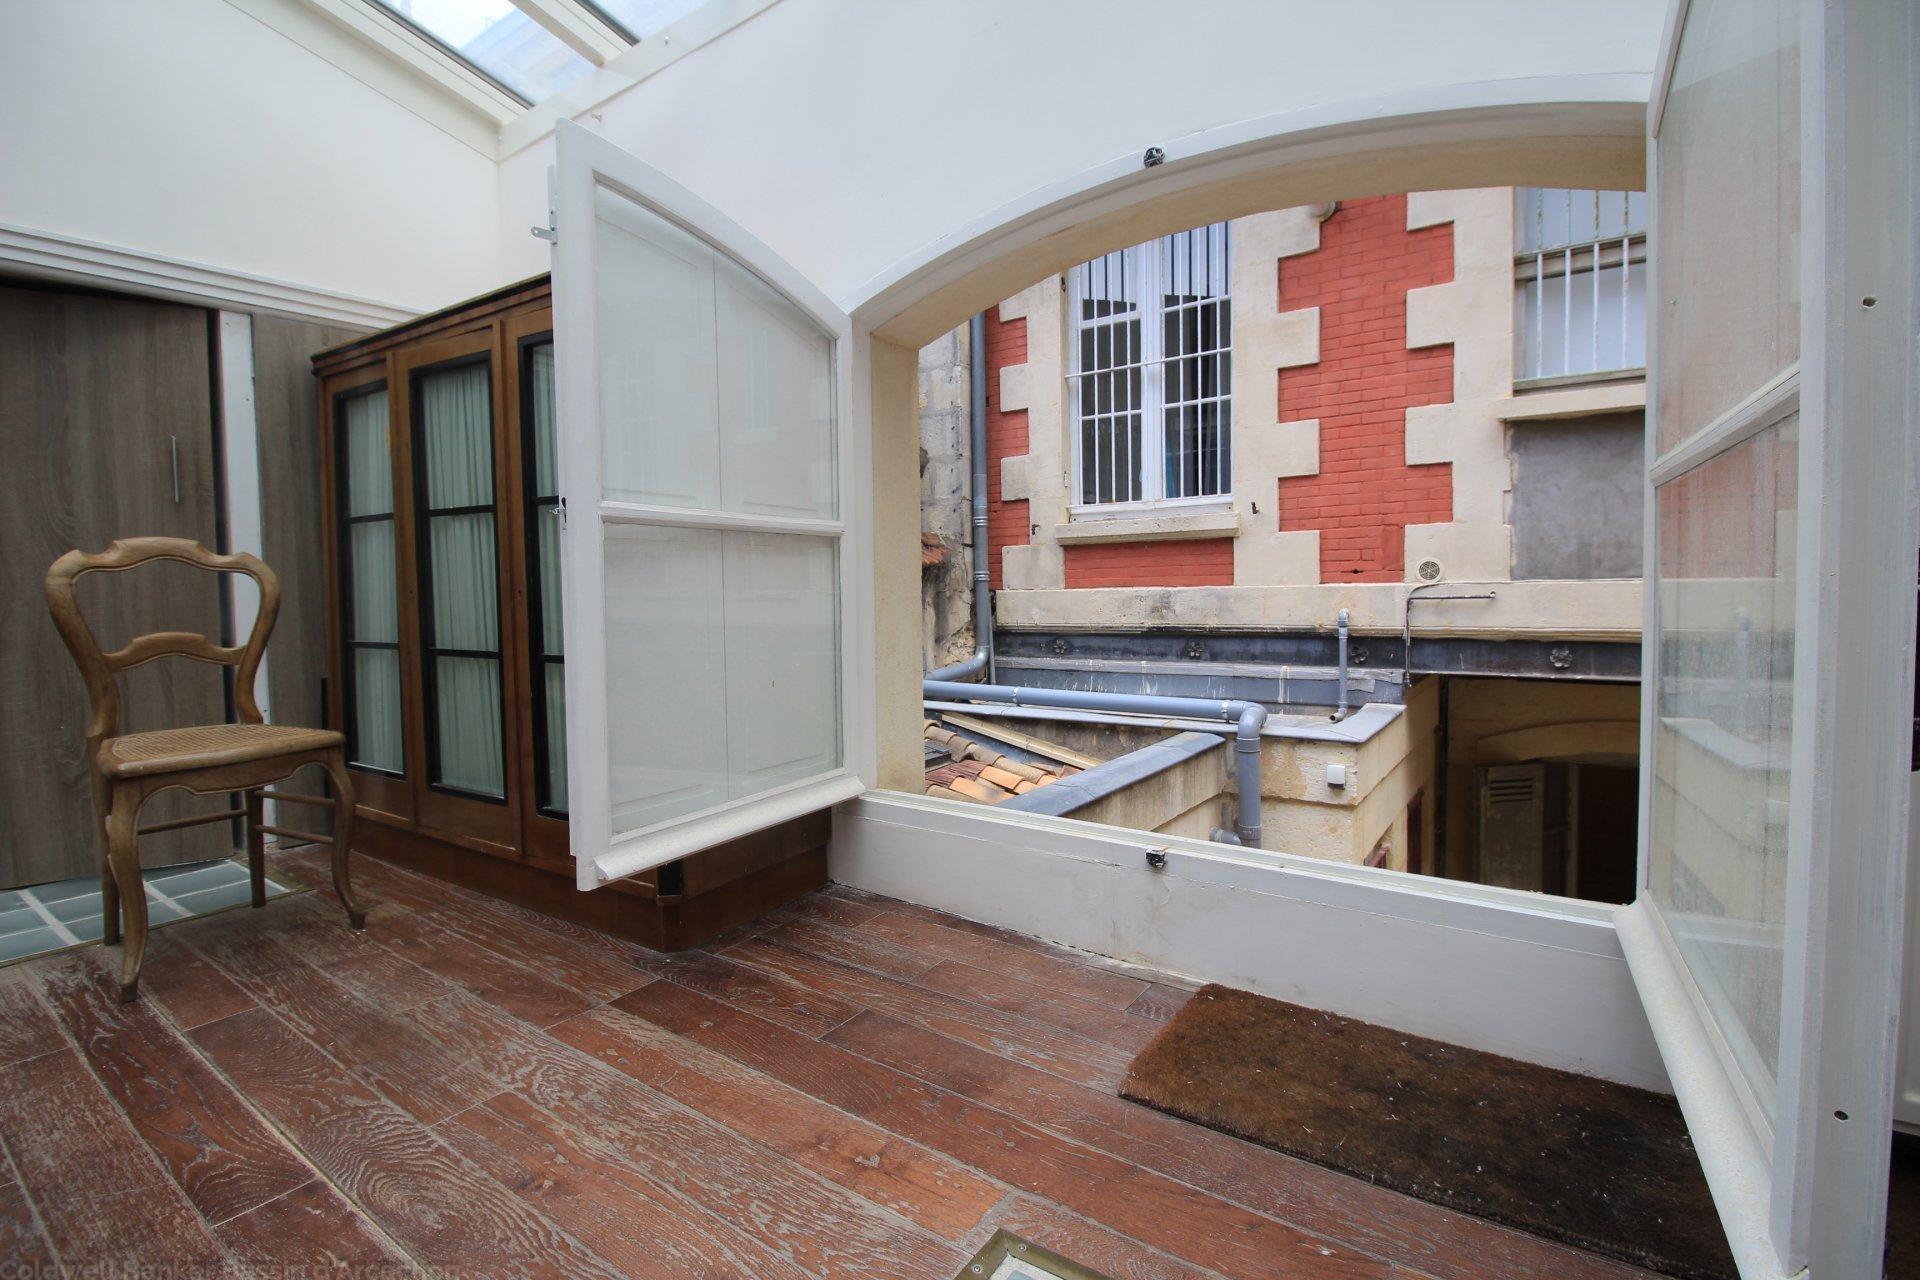 acheter appartement lumineux ancien 3 chambres bordeaux jardin public